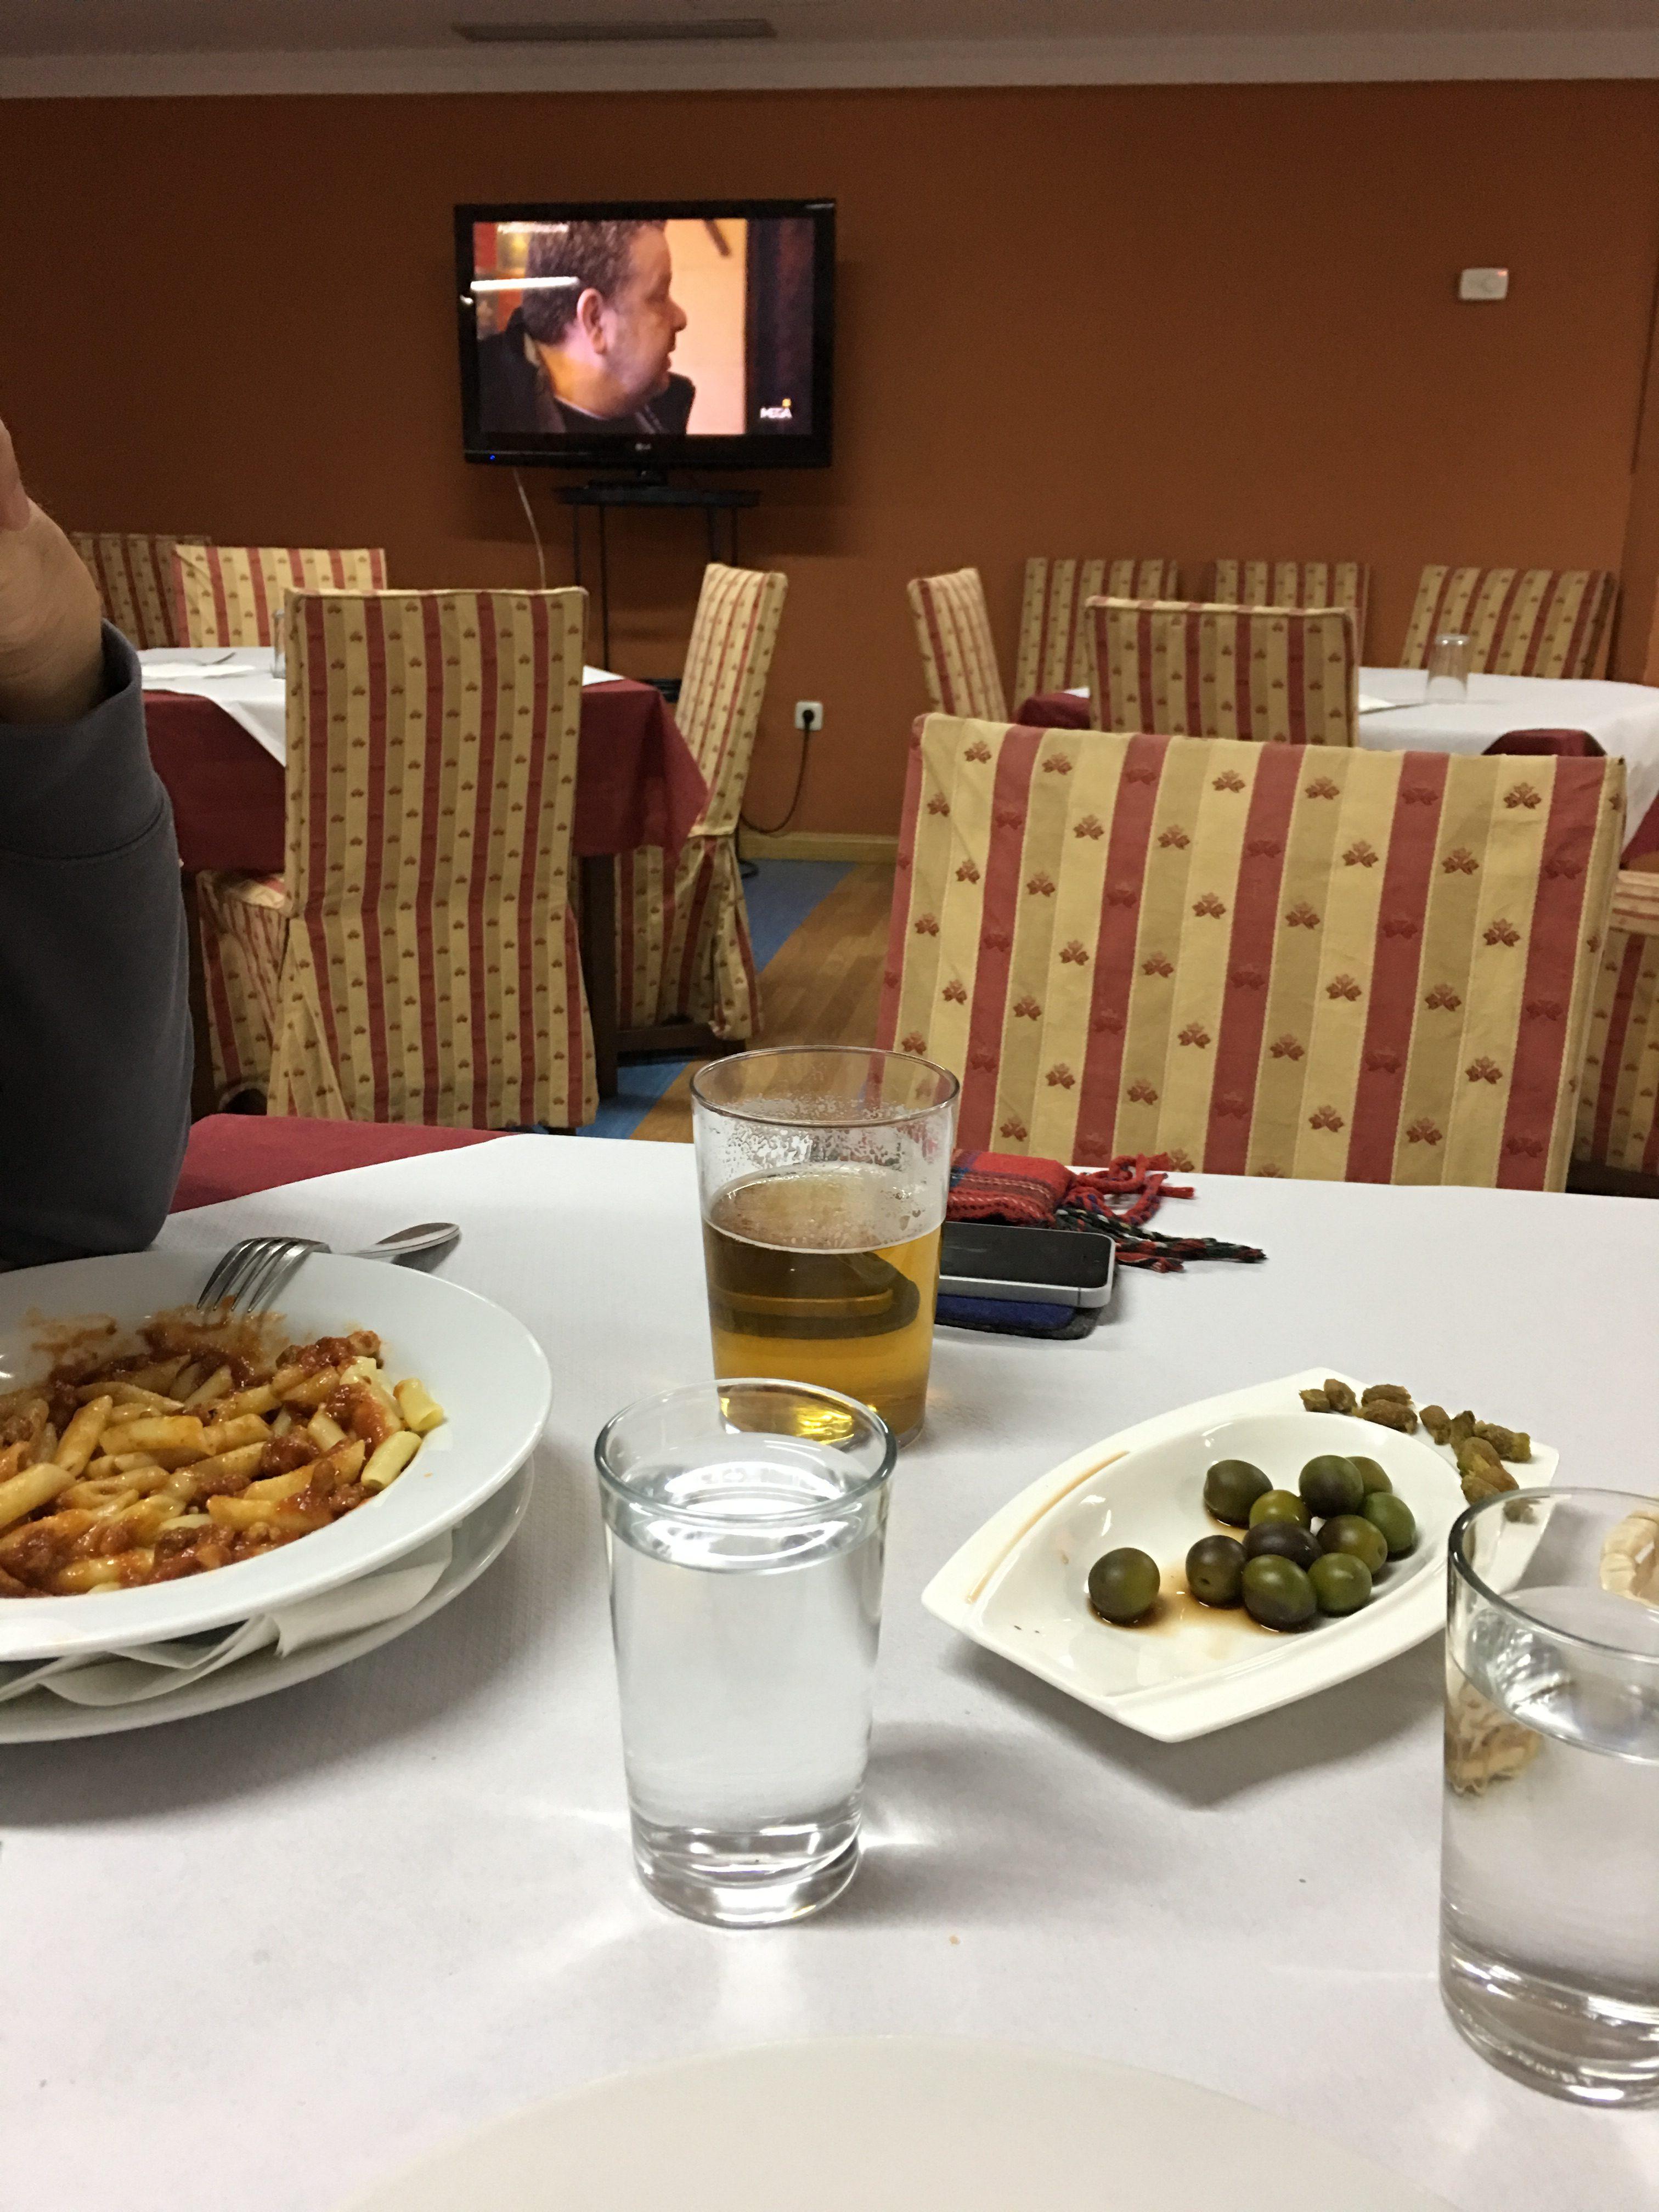 Restaurant mit Essen auf dem Tisch. Im Hintergrund läuft ein Fernseher